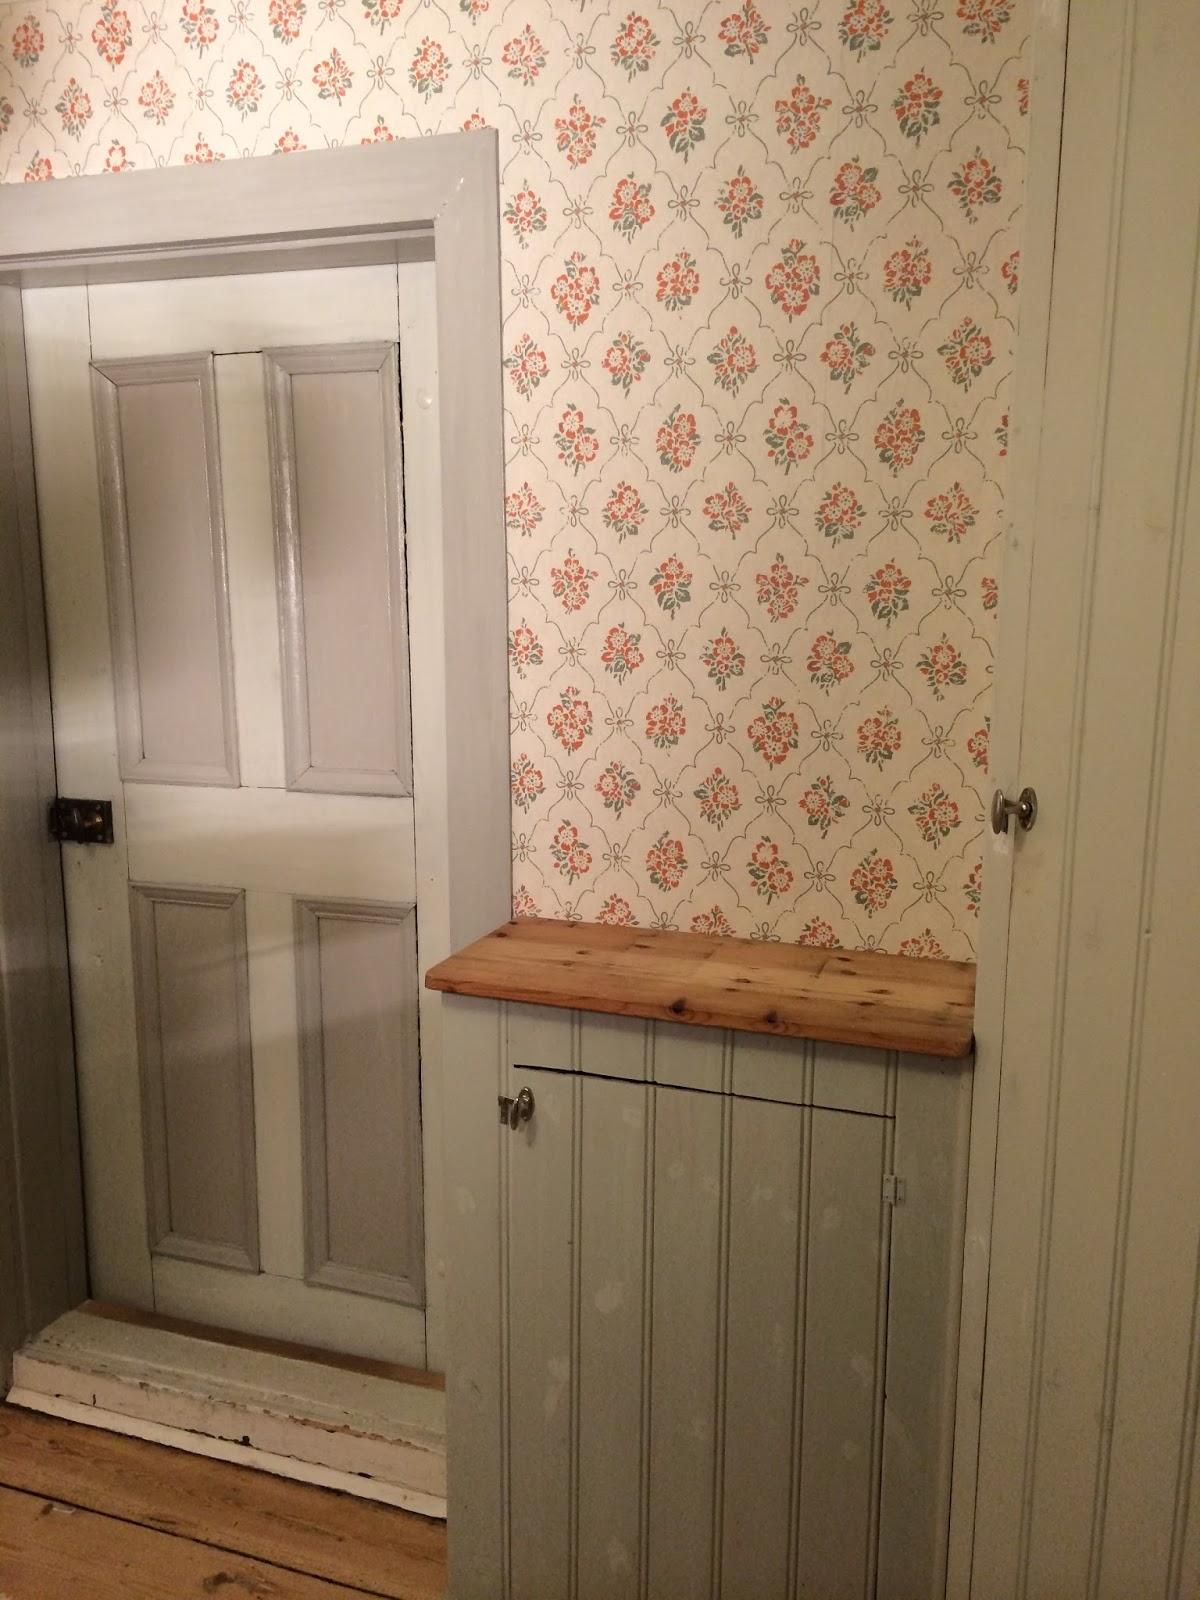 Elins stuga: tapeter i köket